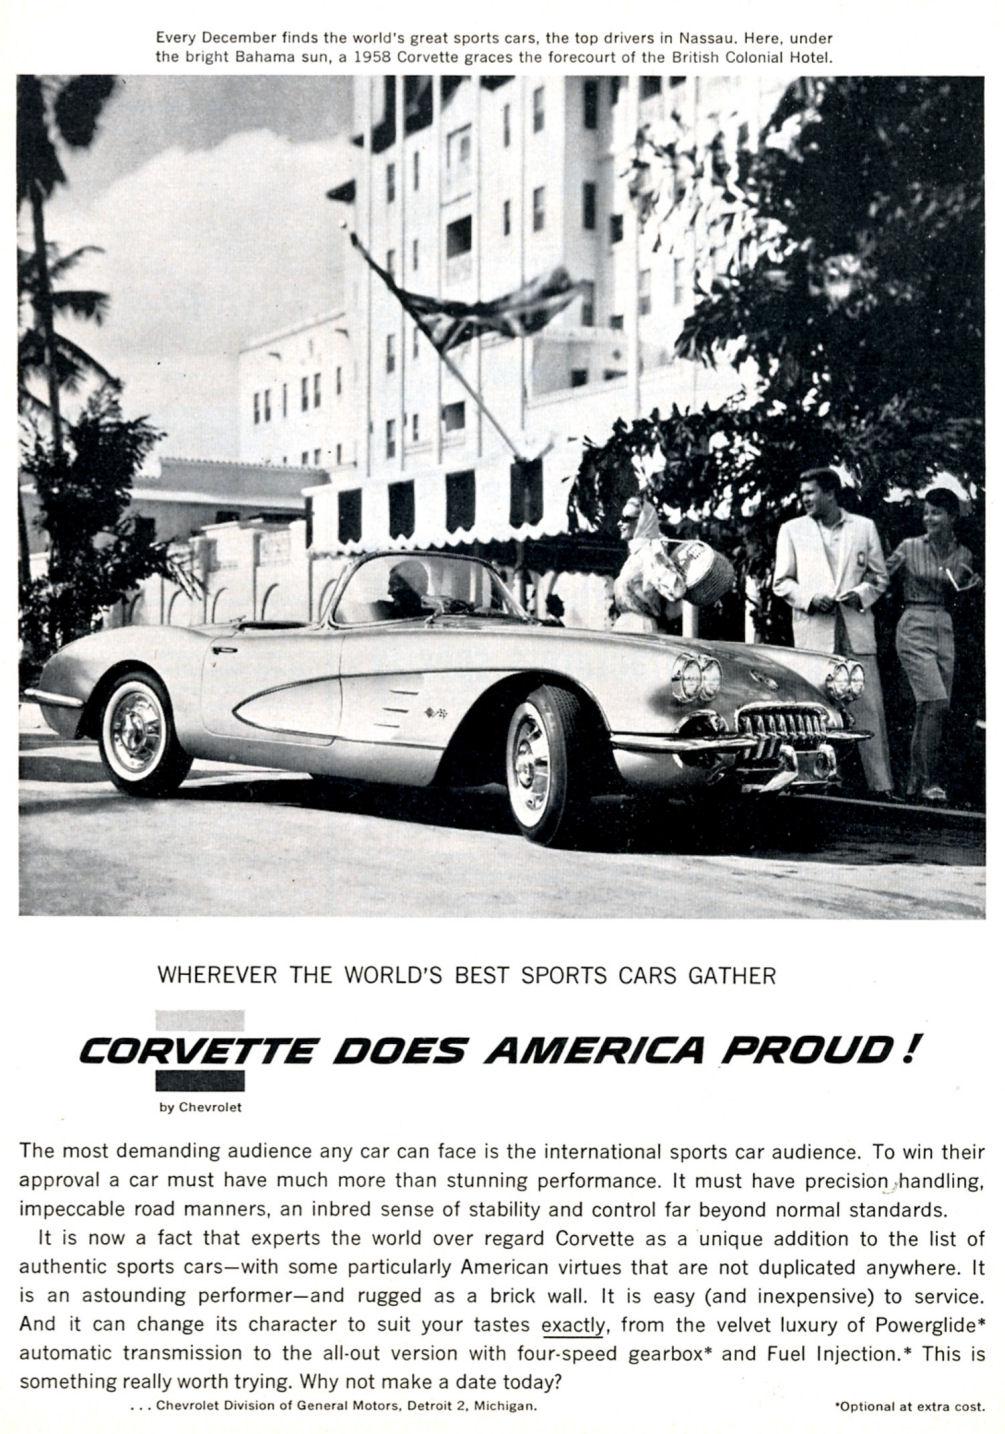 1958 corvette ad 02